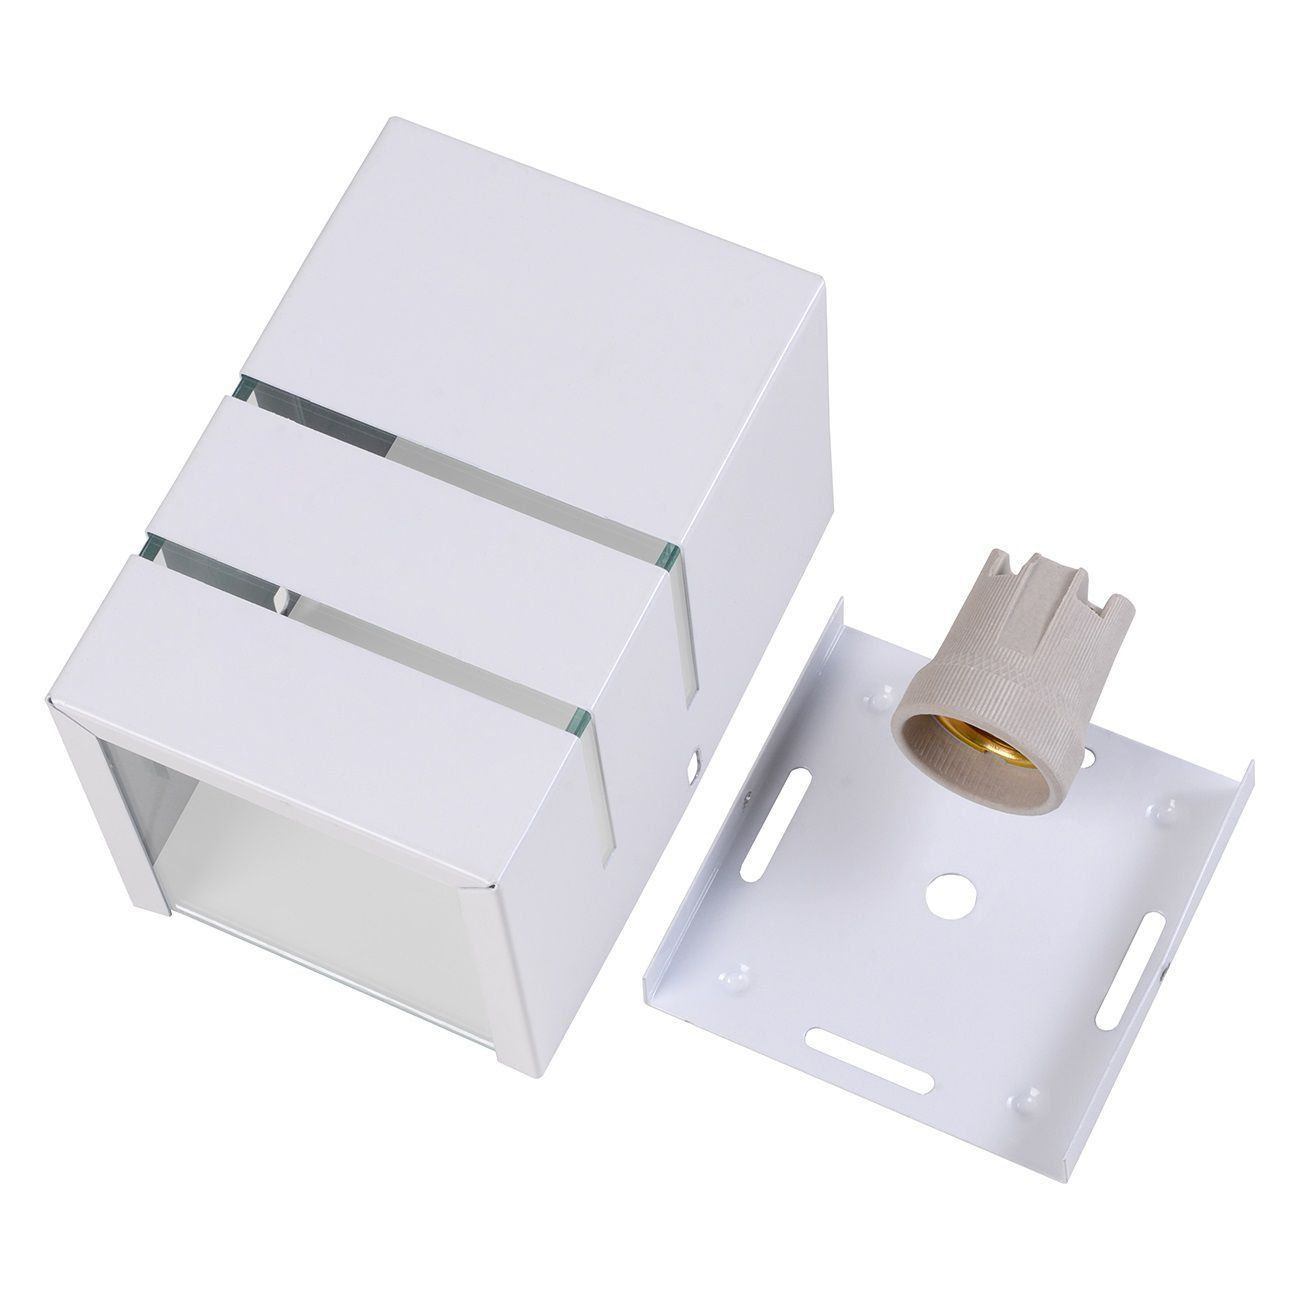 Arandela Catarina 10cm 1 Facho 2 Frisos Externa Interna Muro Parede Alumínio Branco - Rei da Iluminação